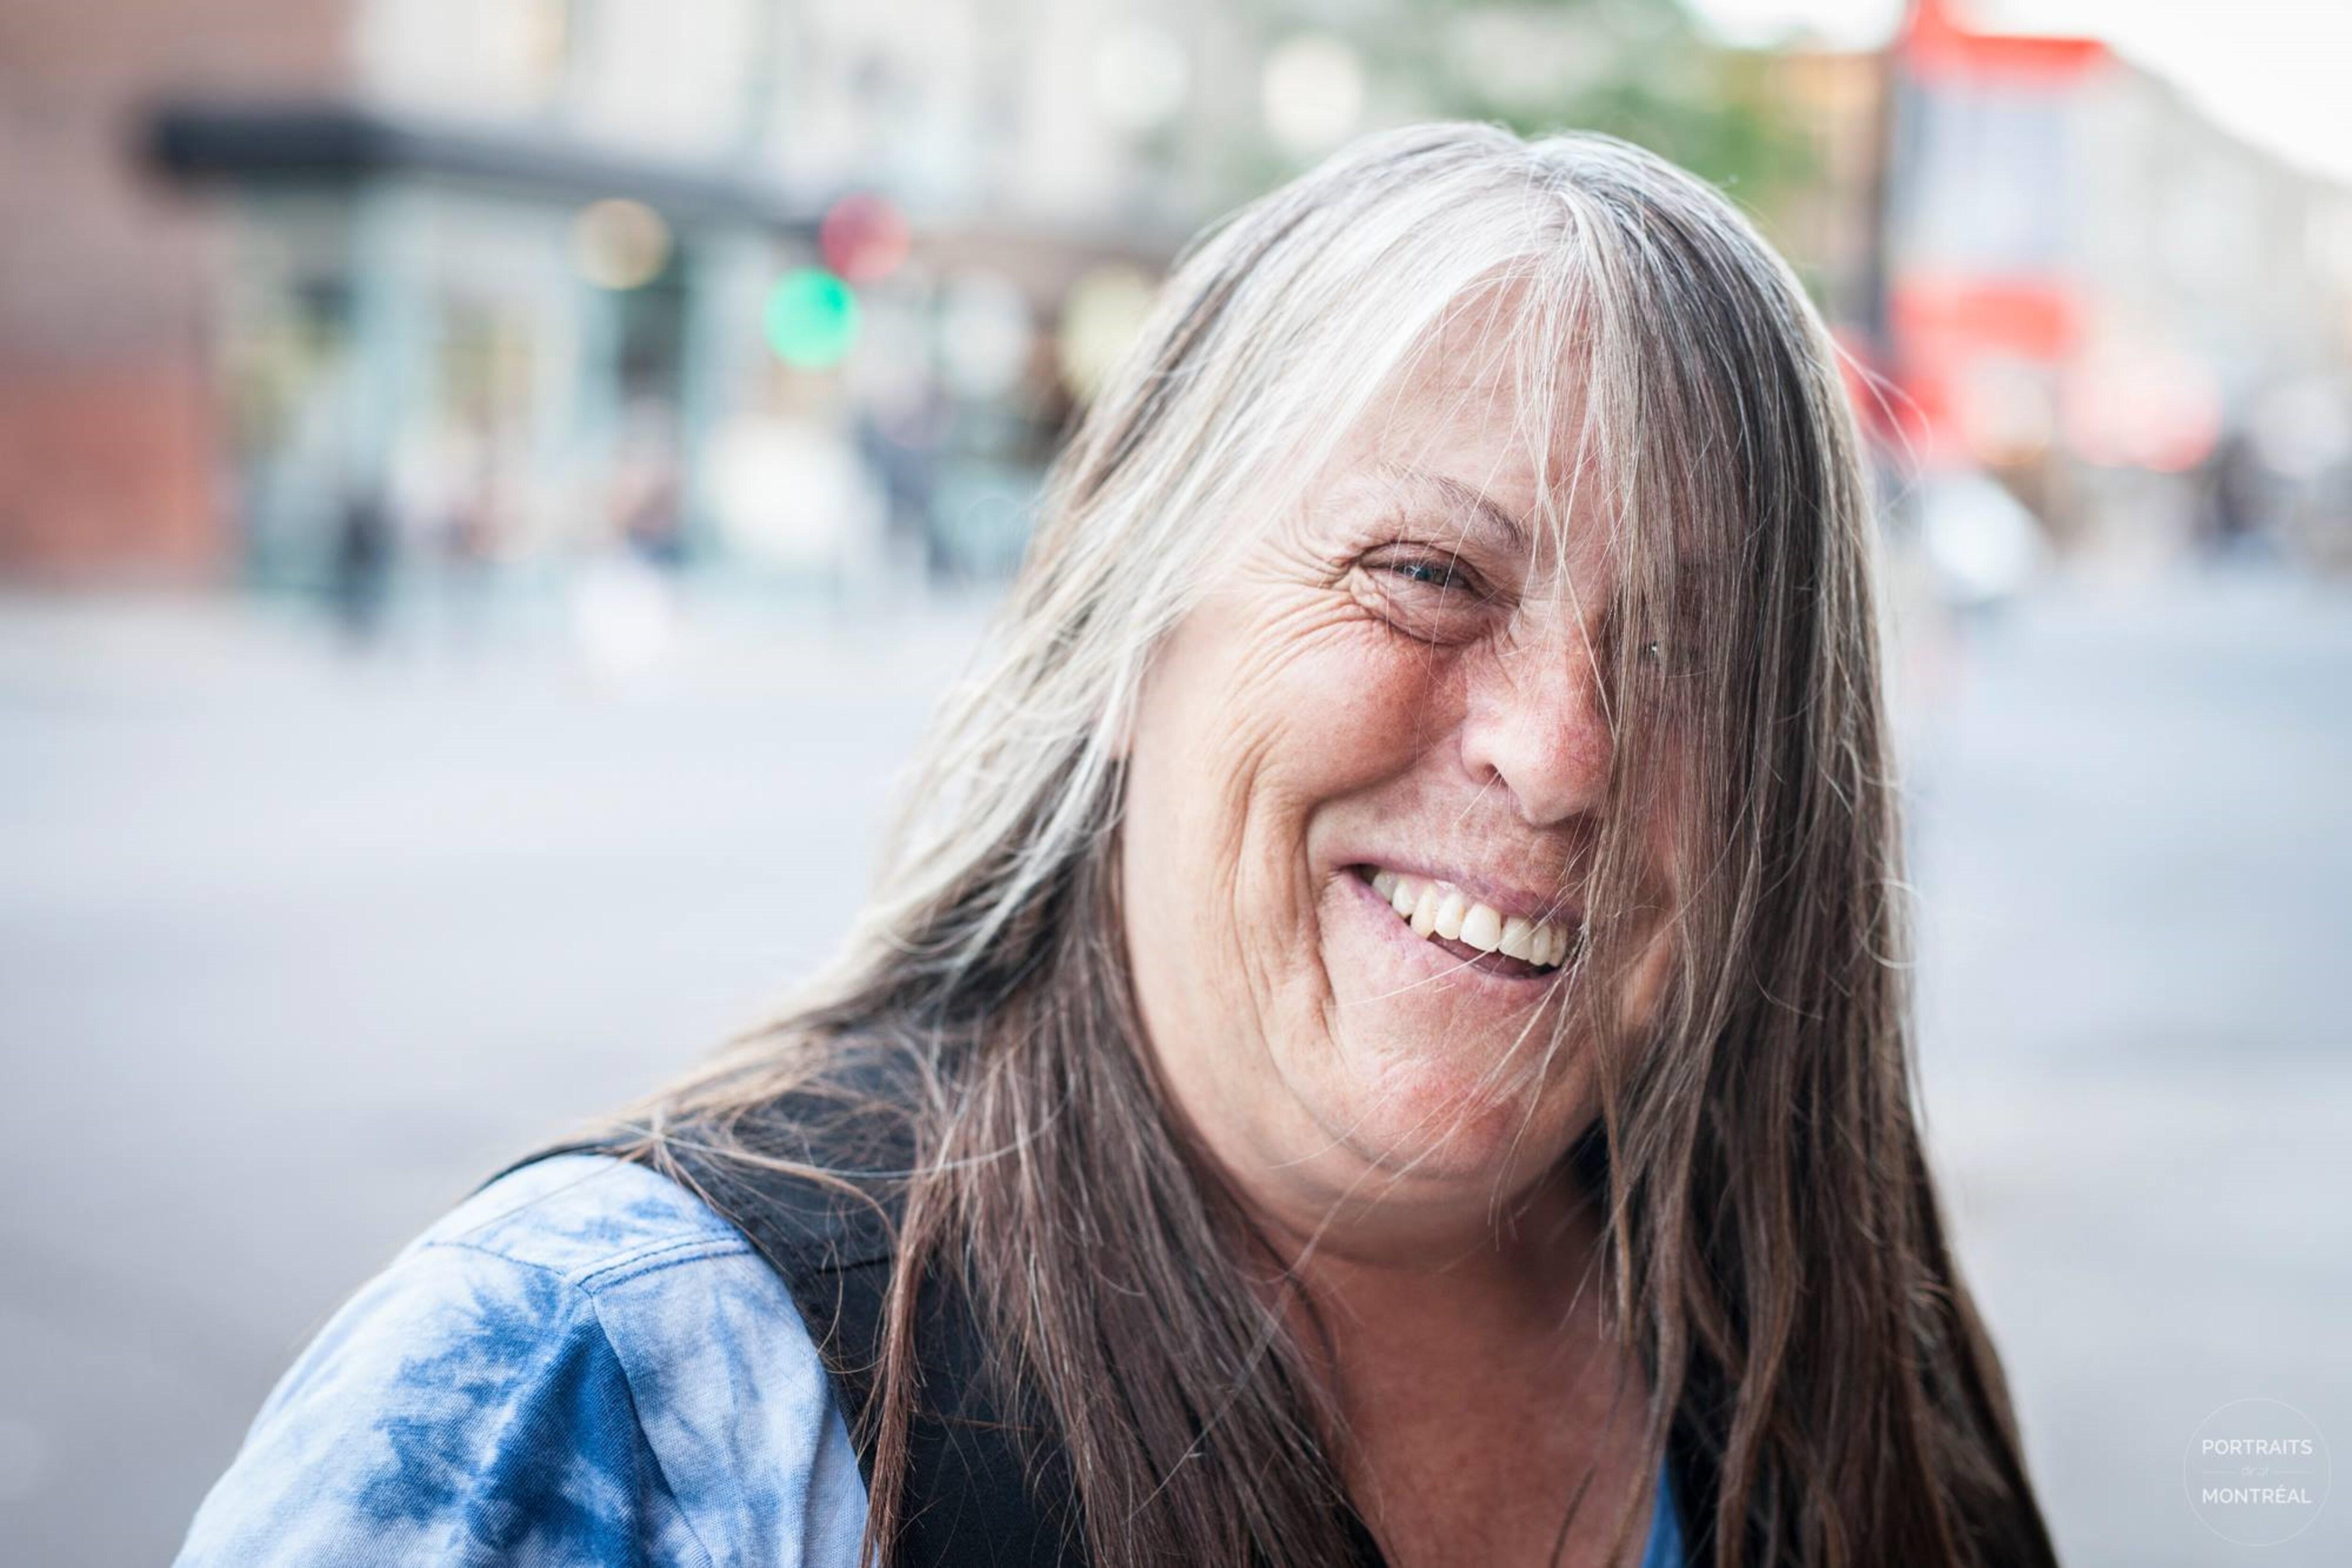 «J'ai toujours été complexée à cause de mon visage. Tu peux pas savoir comme c'est dur pour moi de me faire prendre en photo [...]» - Légende de la photo, sur la page Facebook de Portraits de/of Montreal